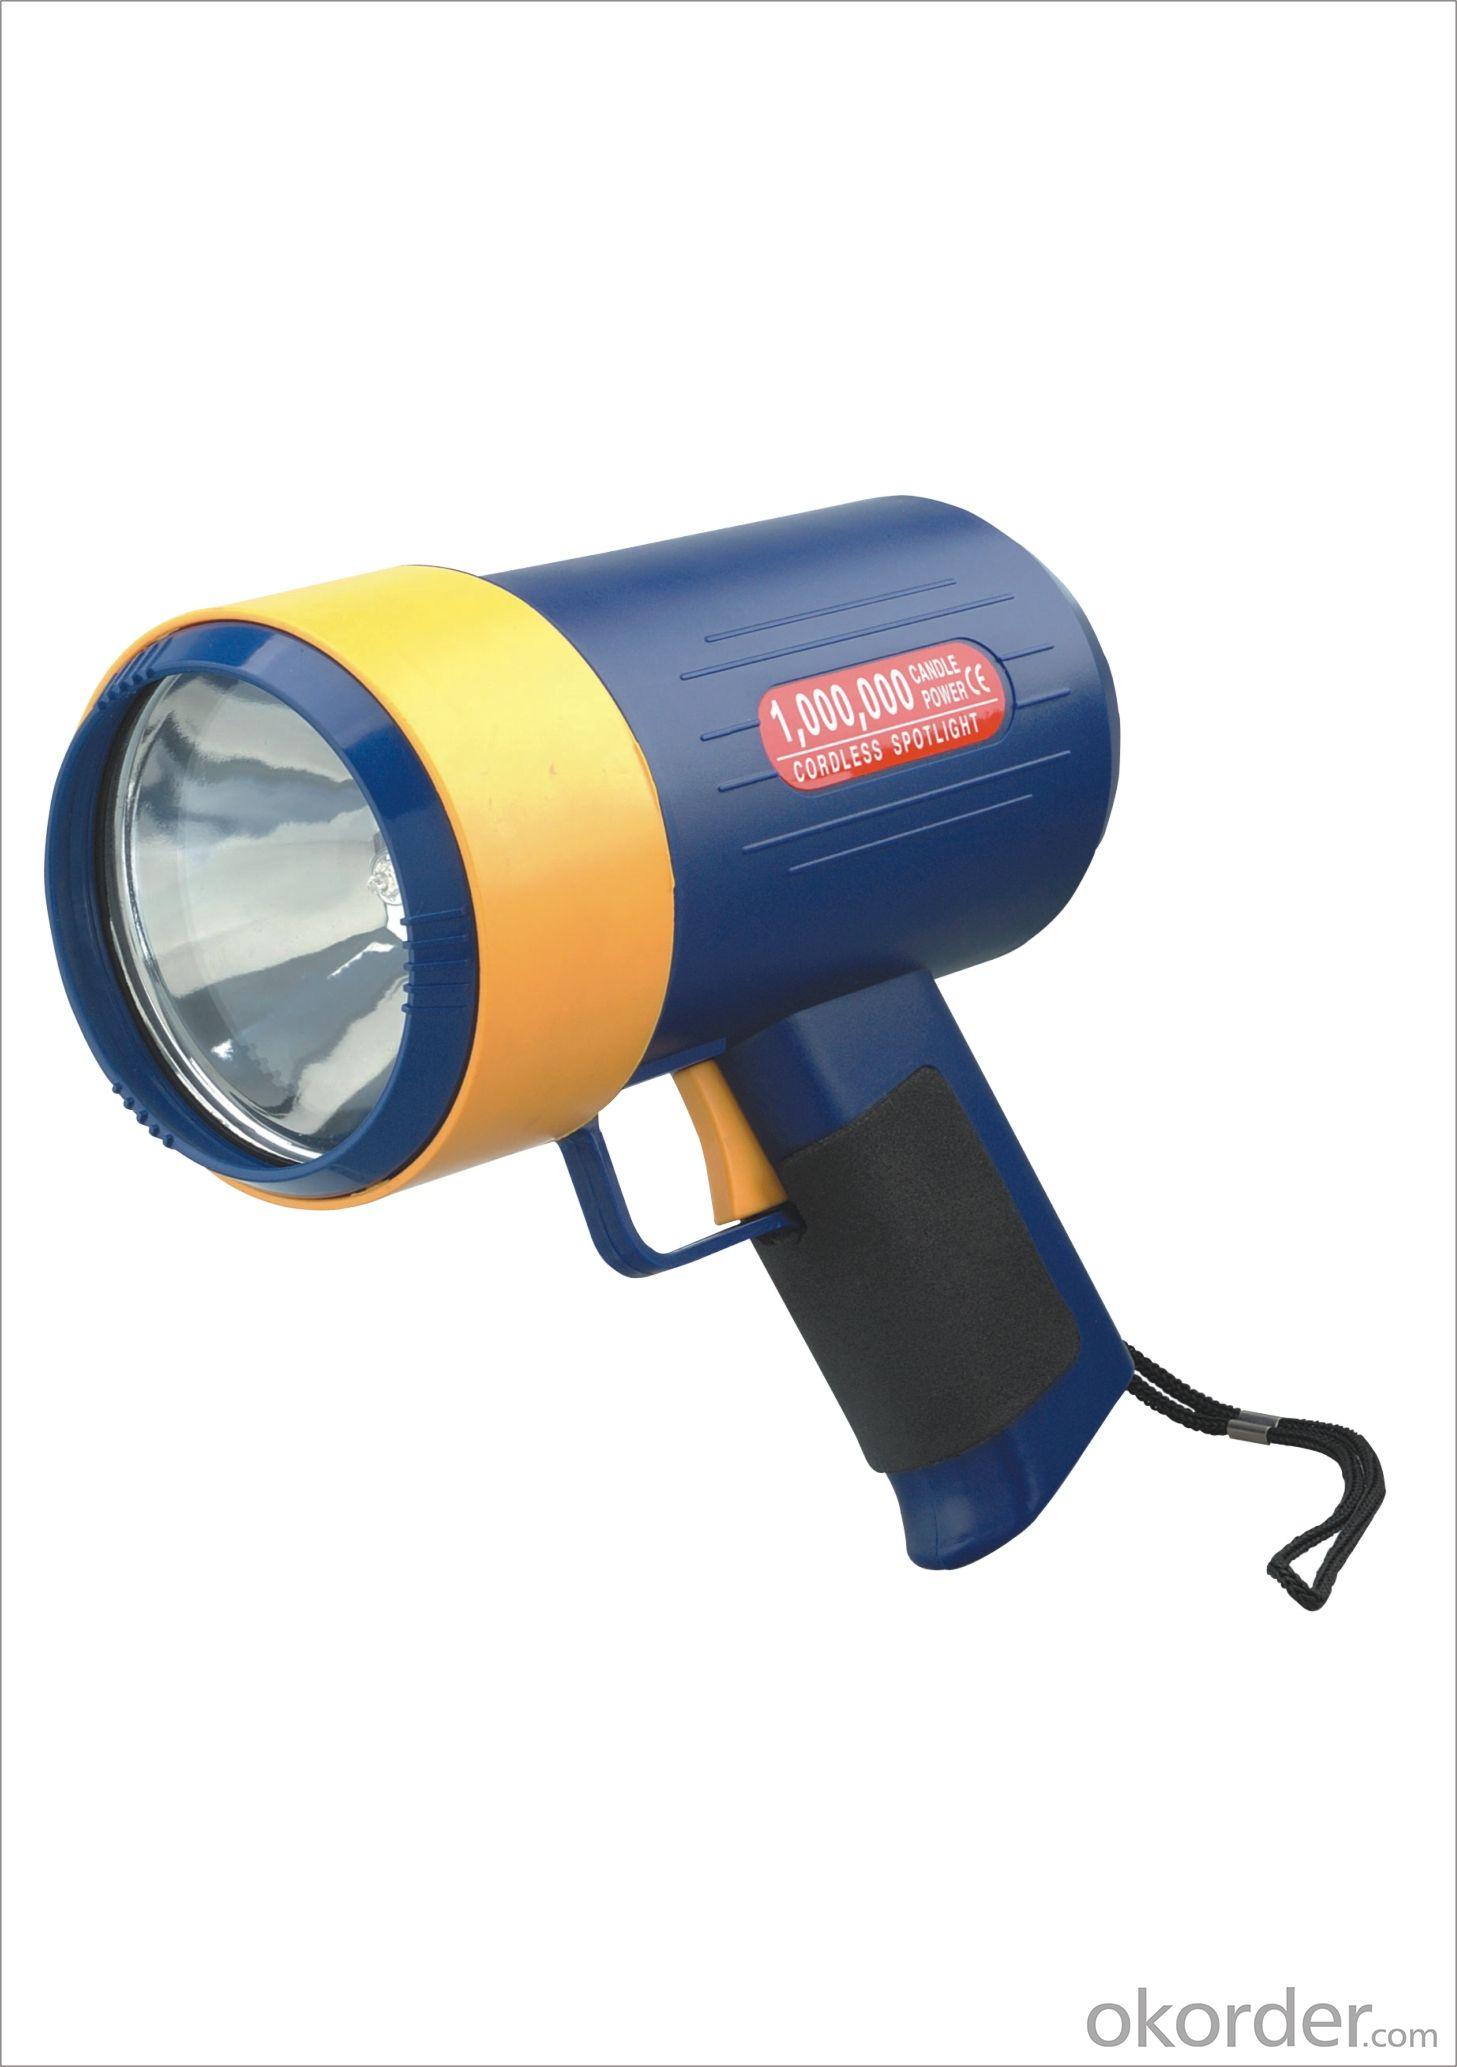 Spotlight  CR-2008Q  Spotlight  CR-2008Q